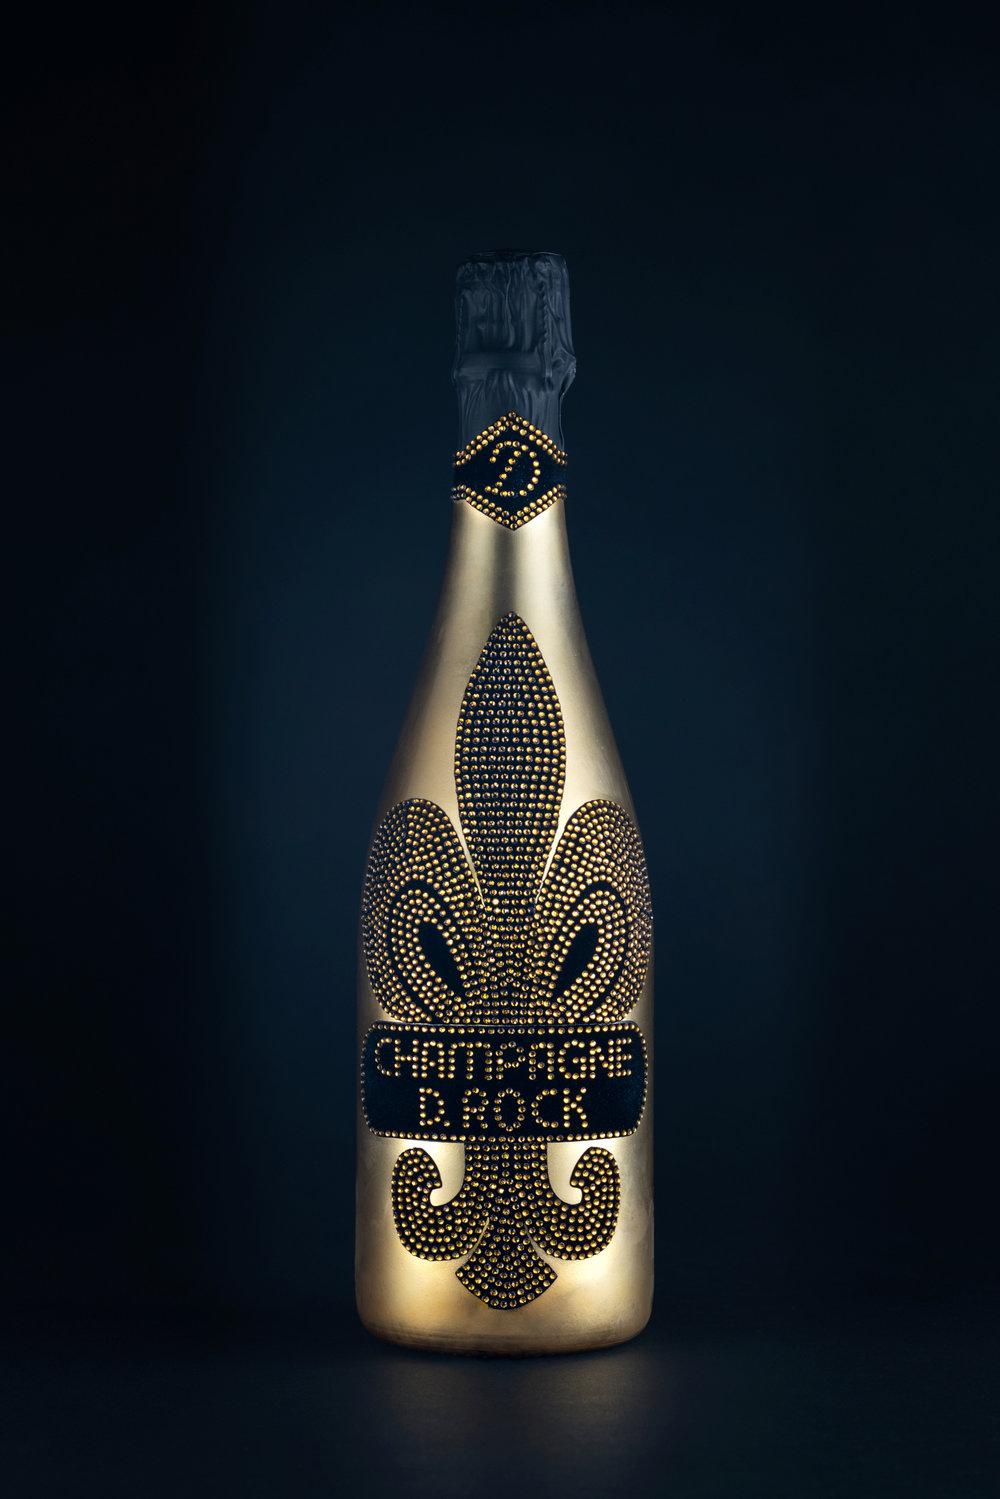 REDfour_drock_Champagne - 1.jpg